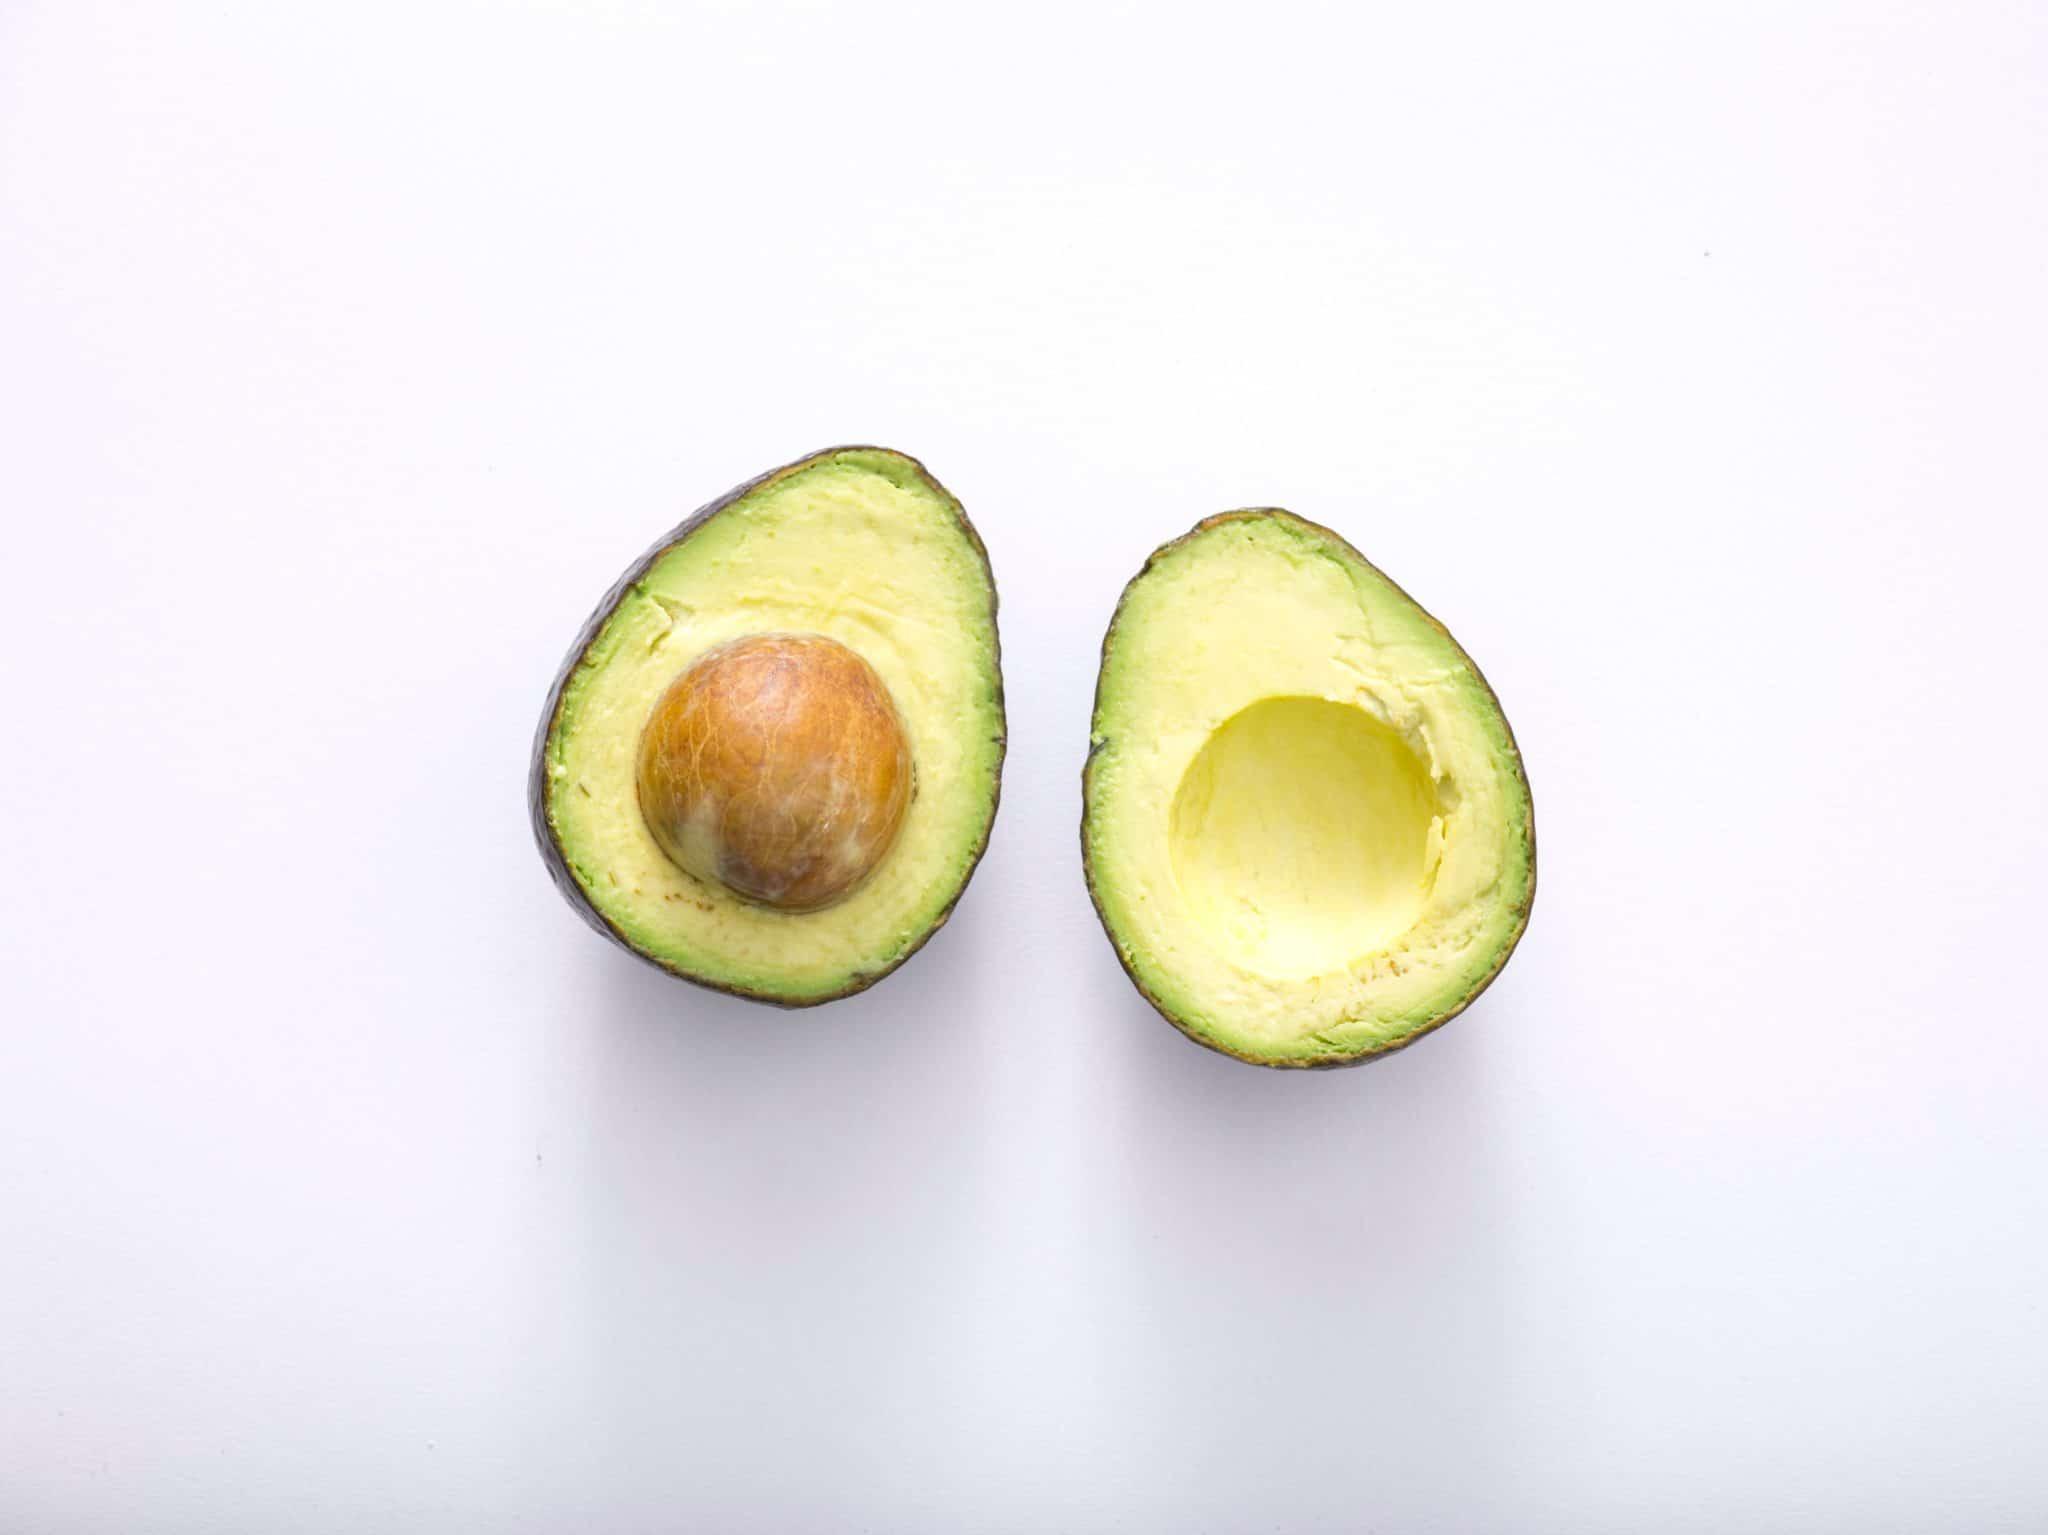 avocado split in half for the keto diet